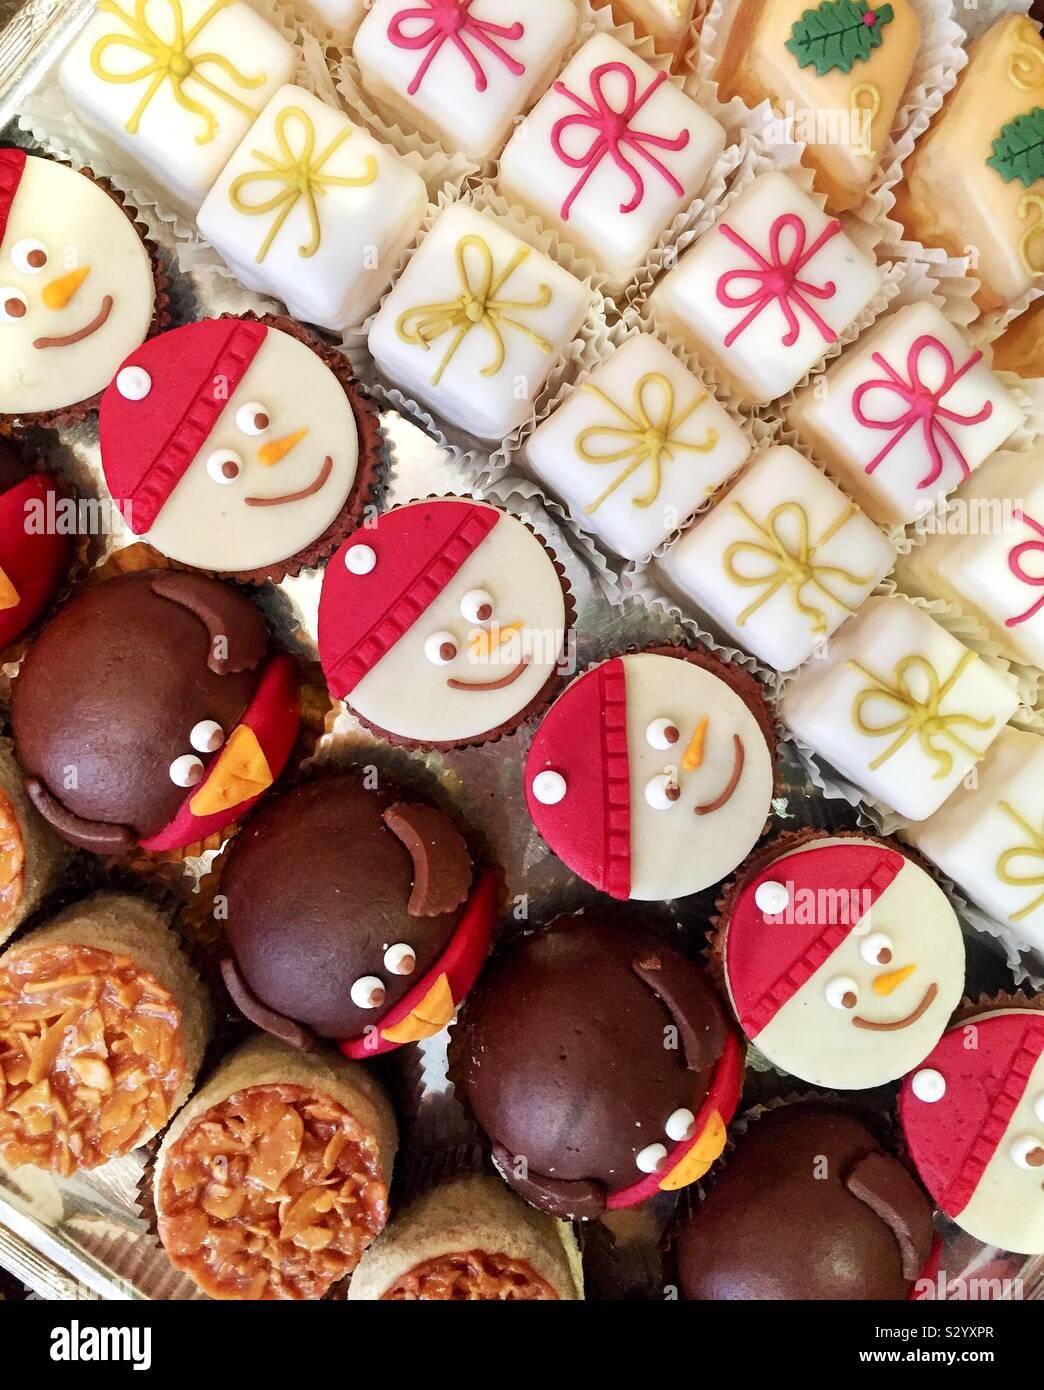 Mirando de arriba abajo en una gran variedad de deliciosas tortas de fondant y ensoñaciones en una pastelería francesa que están decoradas con adornos navideños y copie el espacio Foto de stock